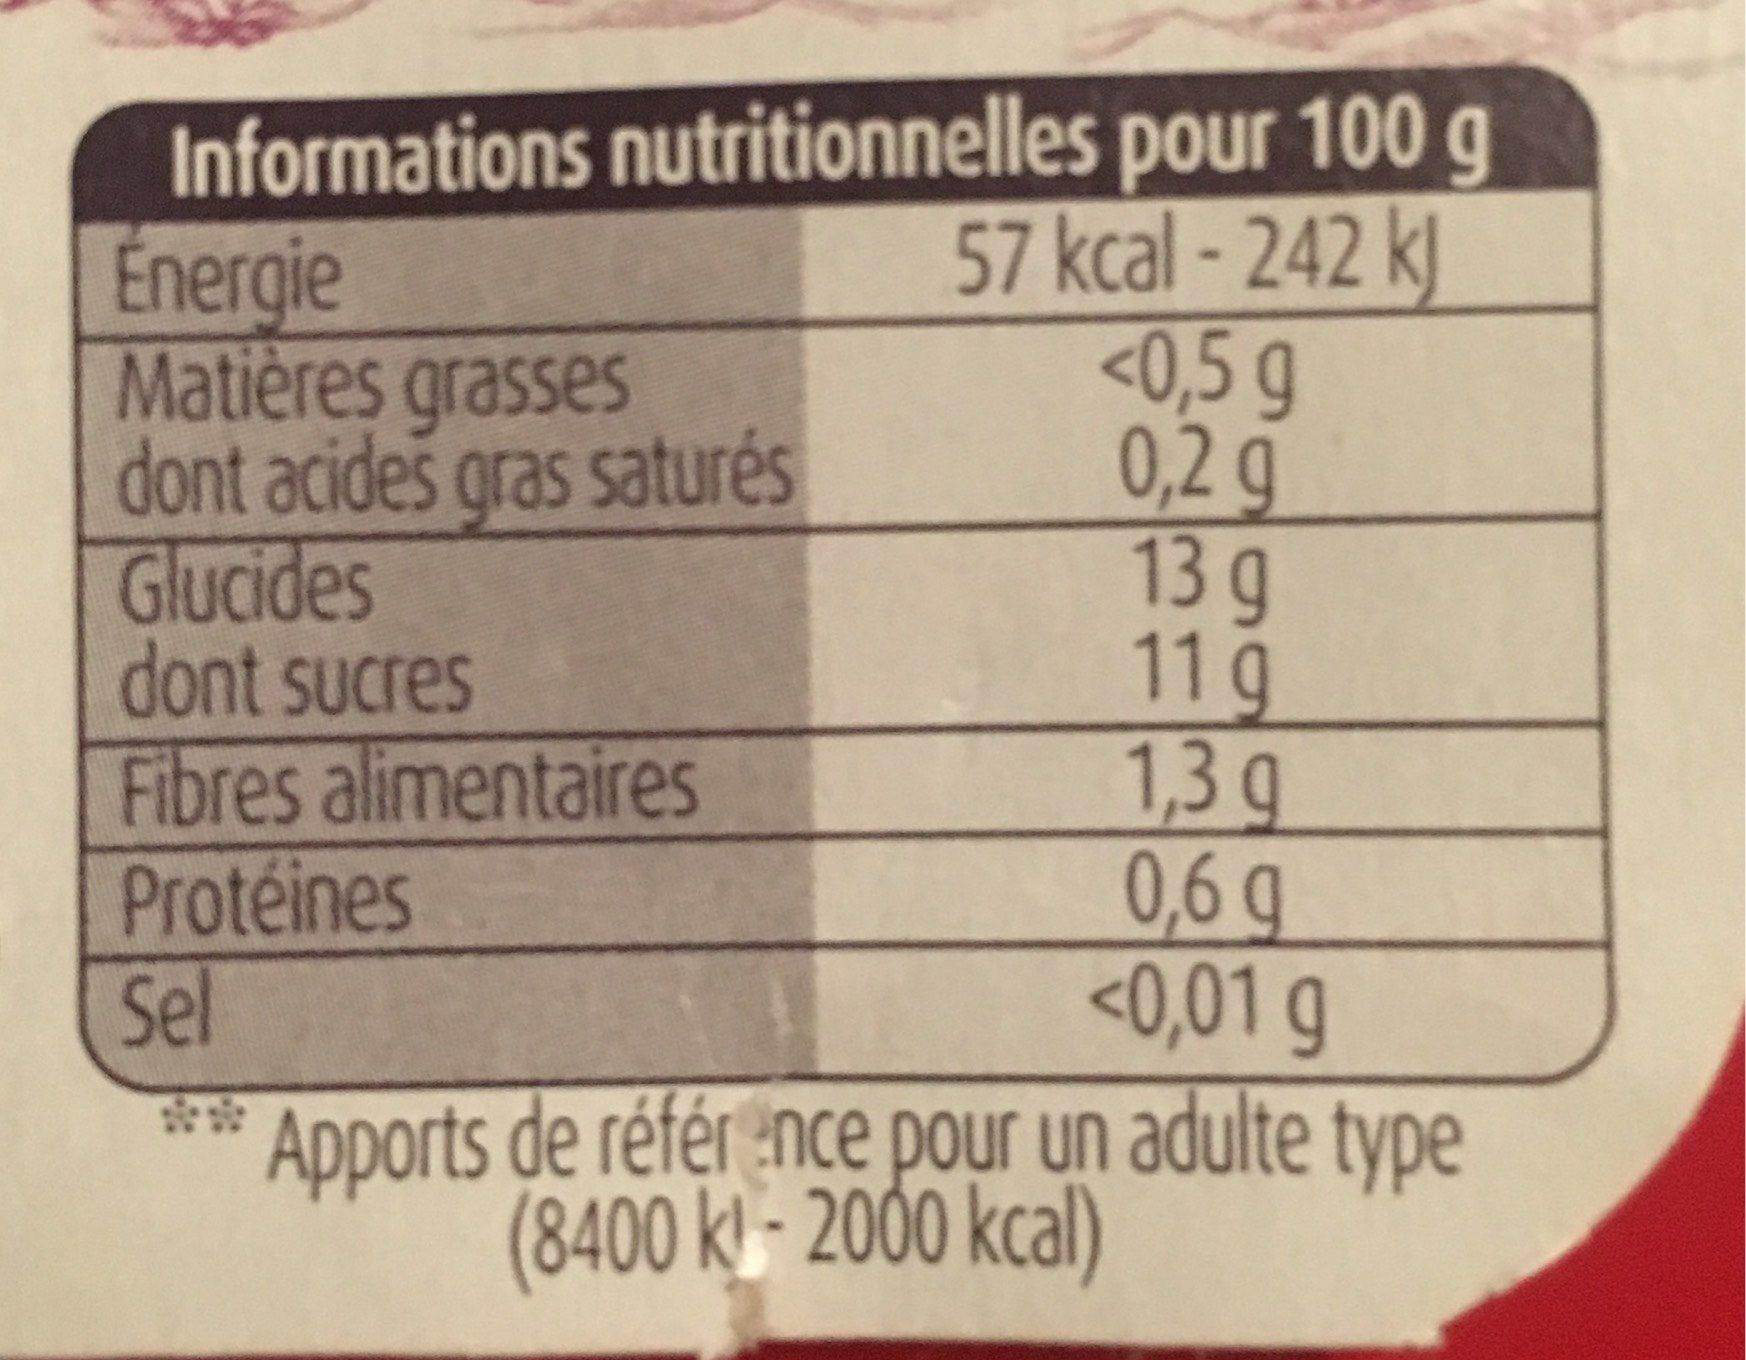 Compote pommes figues sans sucre ajoute - Informations nutritionnelles